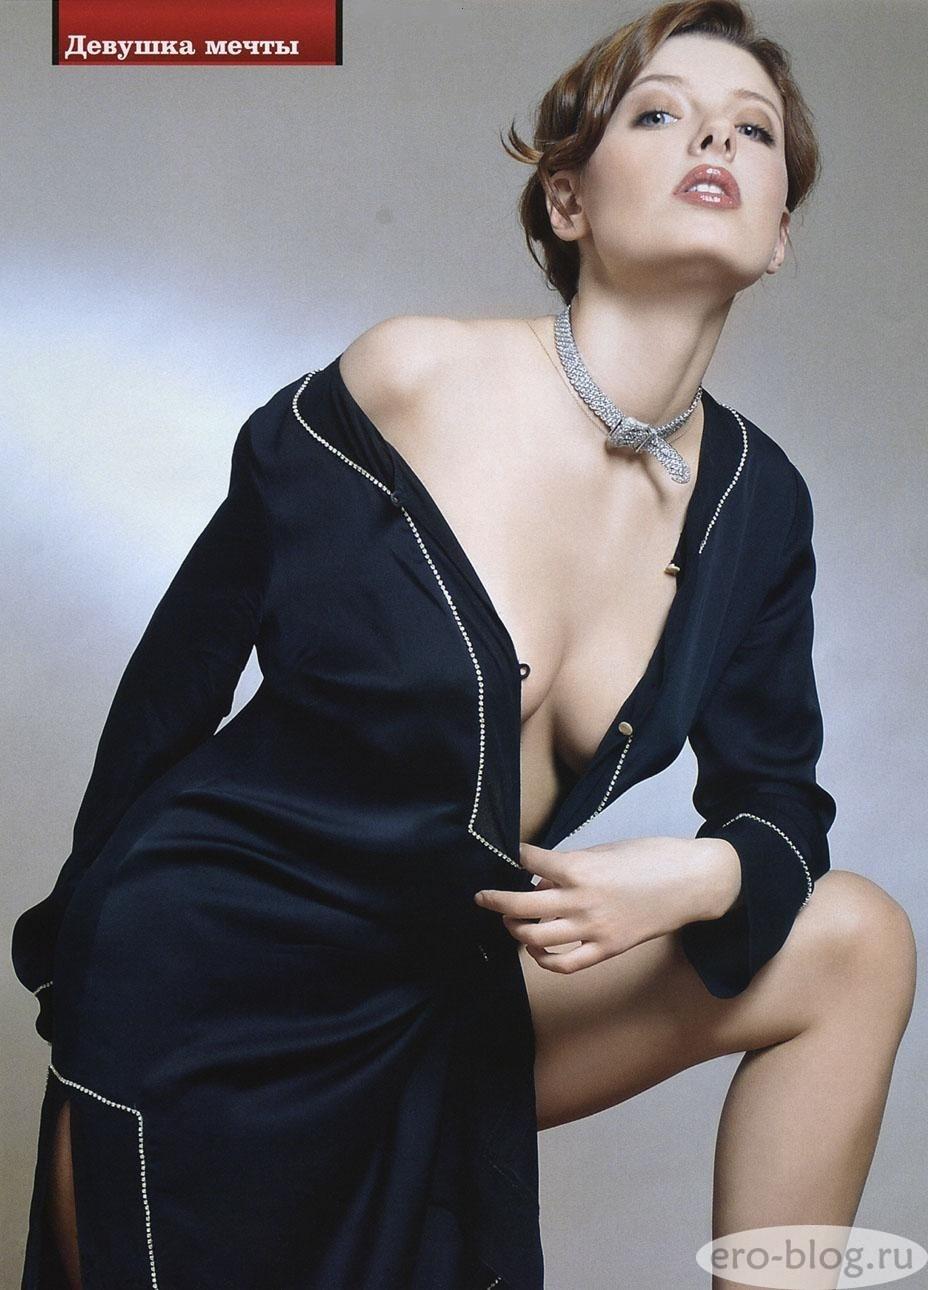 Голая обнаженная Эмилия Спивак интимные фото звезды